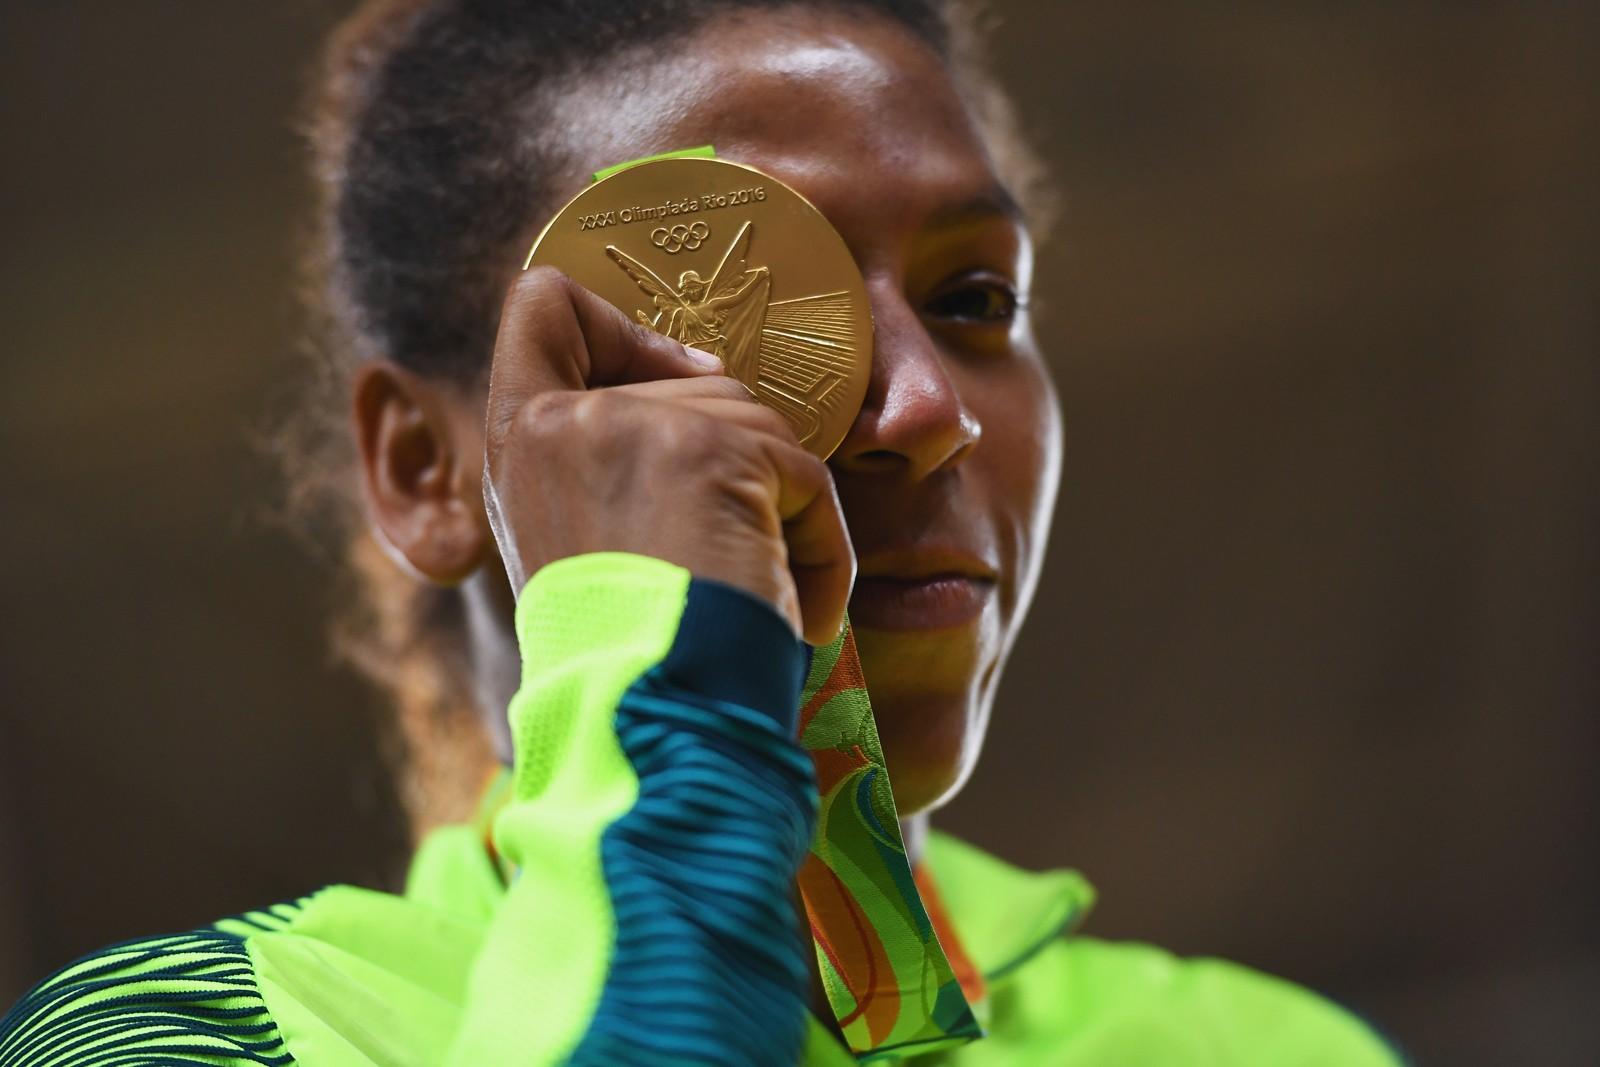 Campeã olímpica do judô, Rafaela Silva é flagrada no exame antidoping